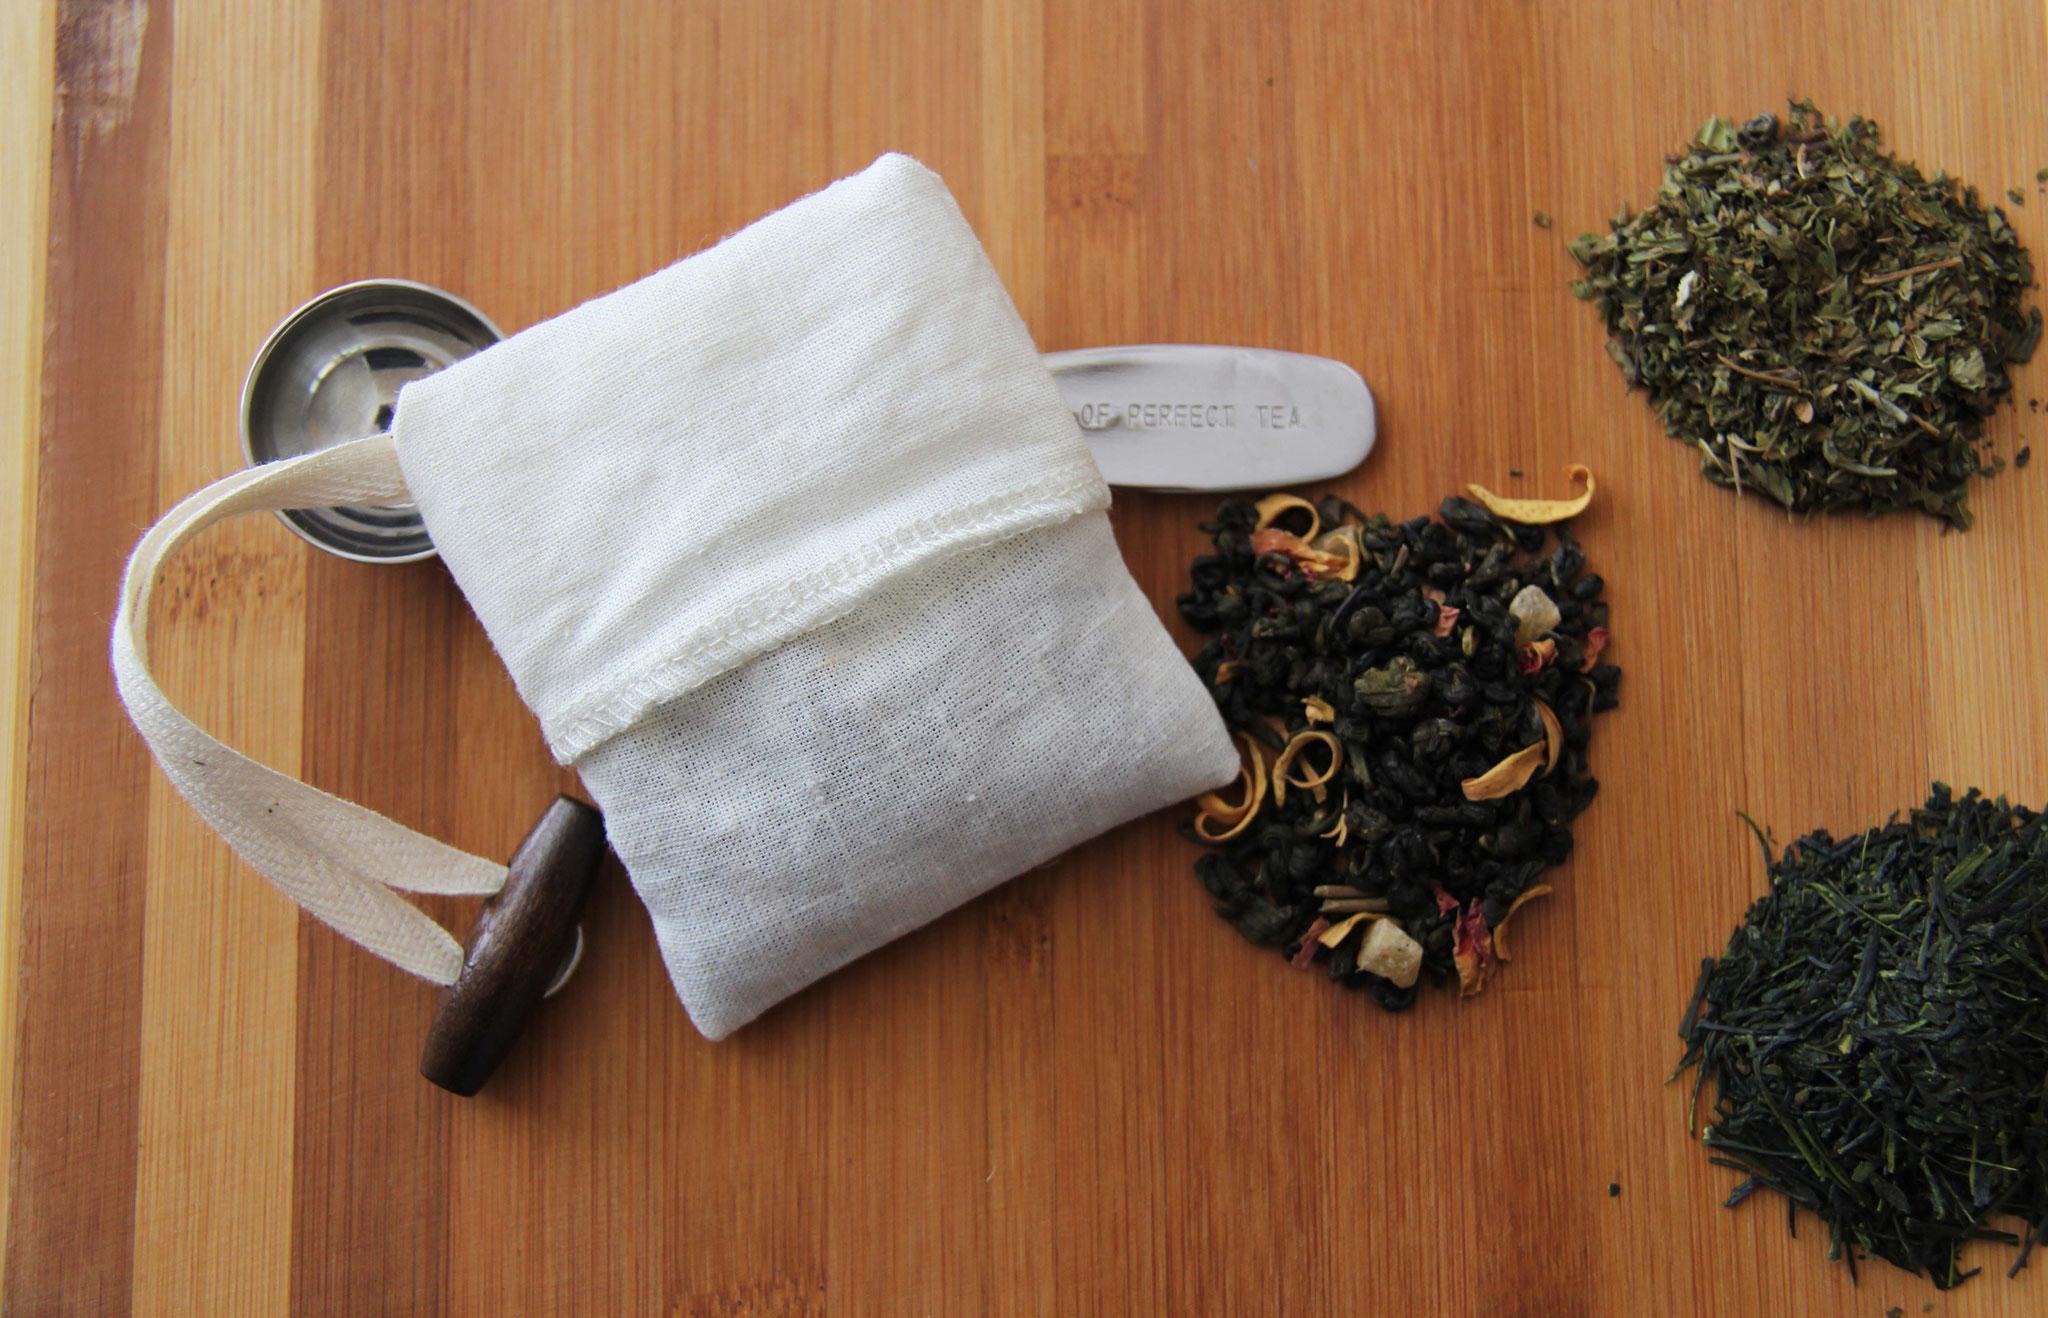 Sachet à thé réutilisable. Cliquez sur la photo pour les informations!